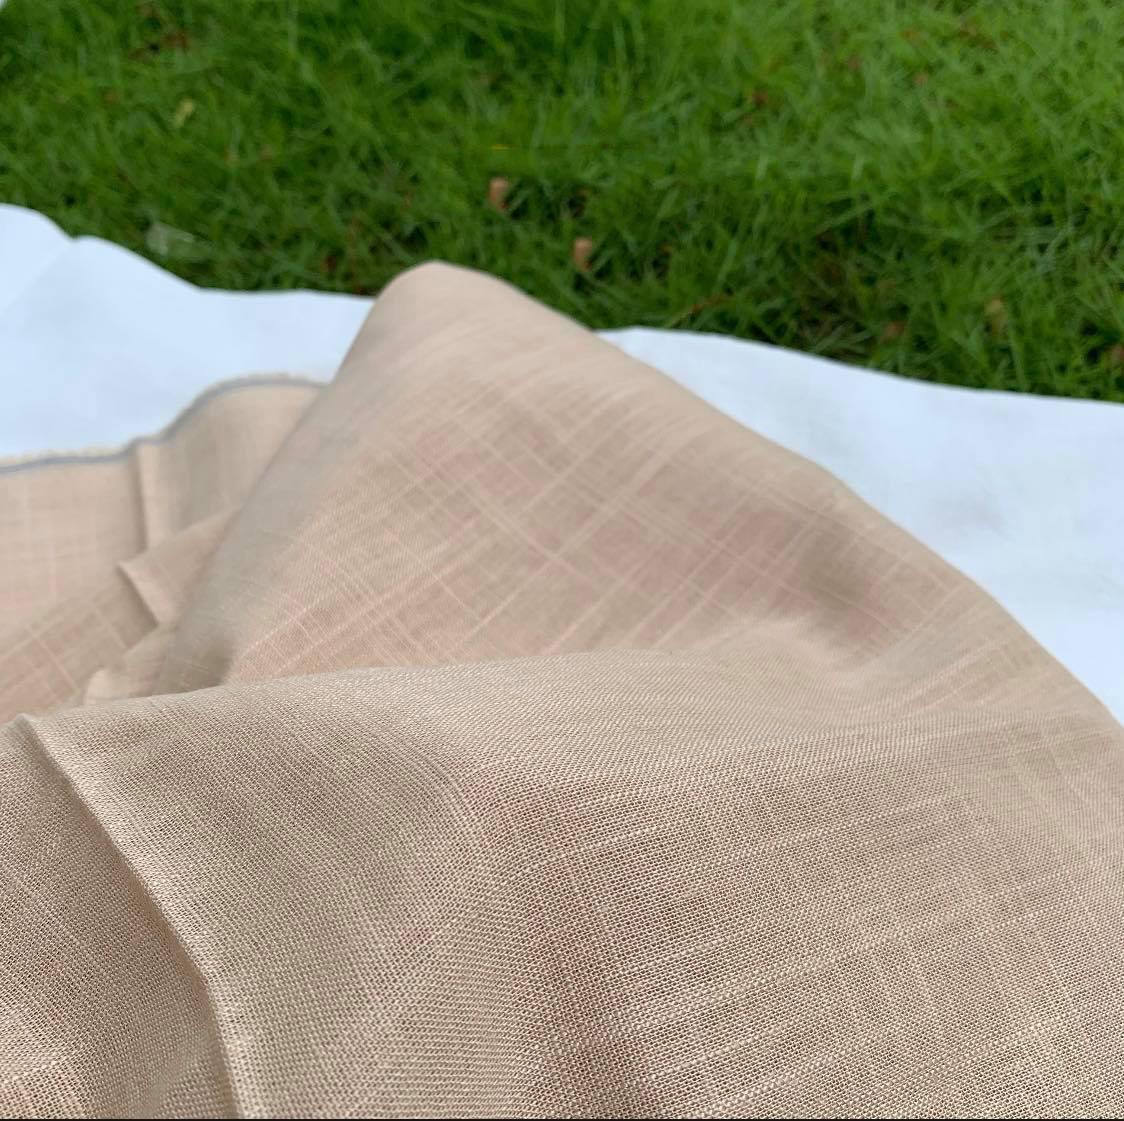 Vải Chất Liệu Linen Gân Acescor khổ 200cm x 140cm - Dùng Để May Trong Thời Trang Như Váy, Đầm, Đồng Phục, Áo